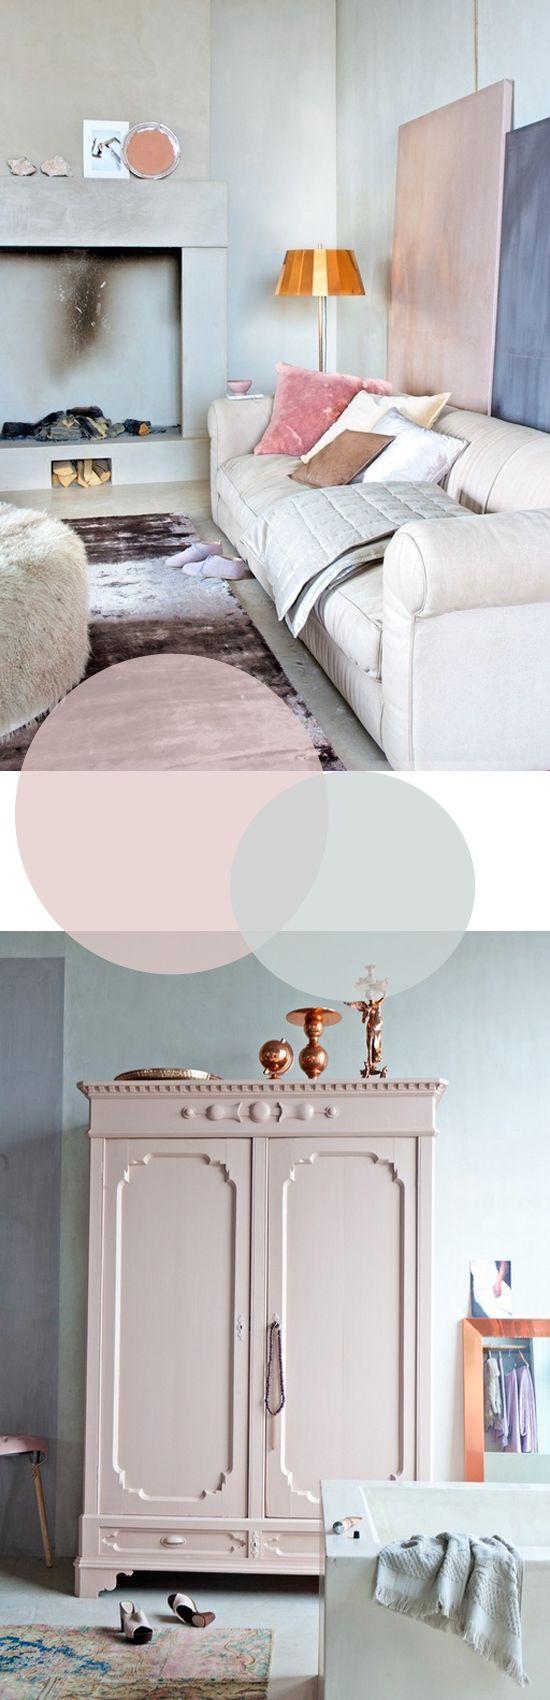 Pastel roze voor de inrichting | Wooninspiratie